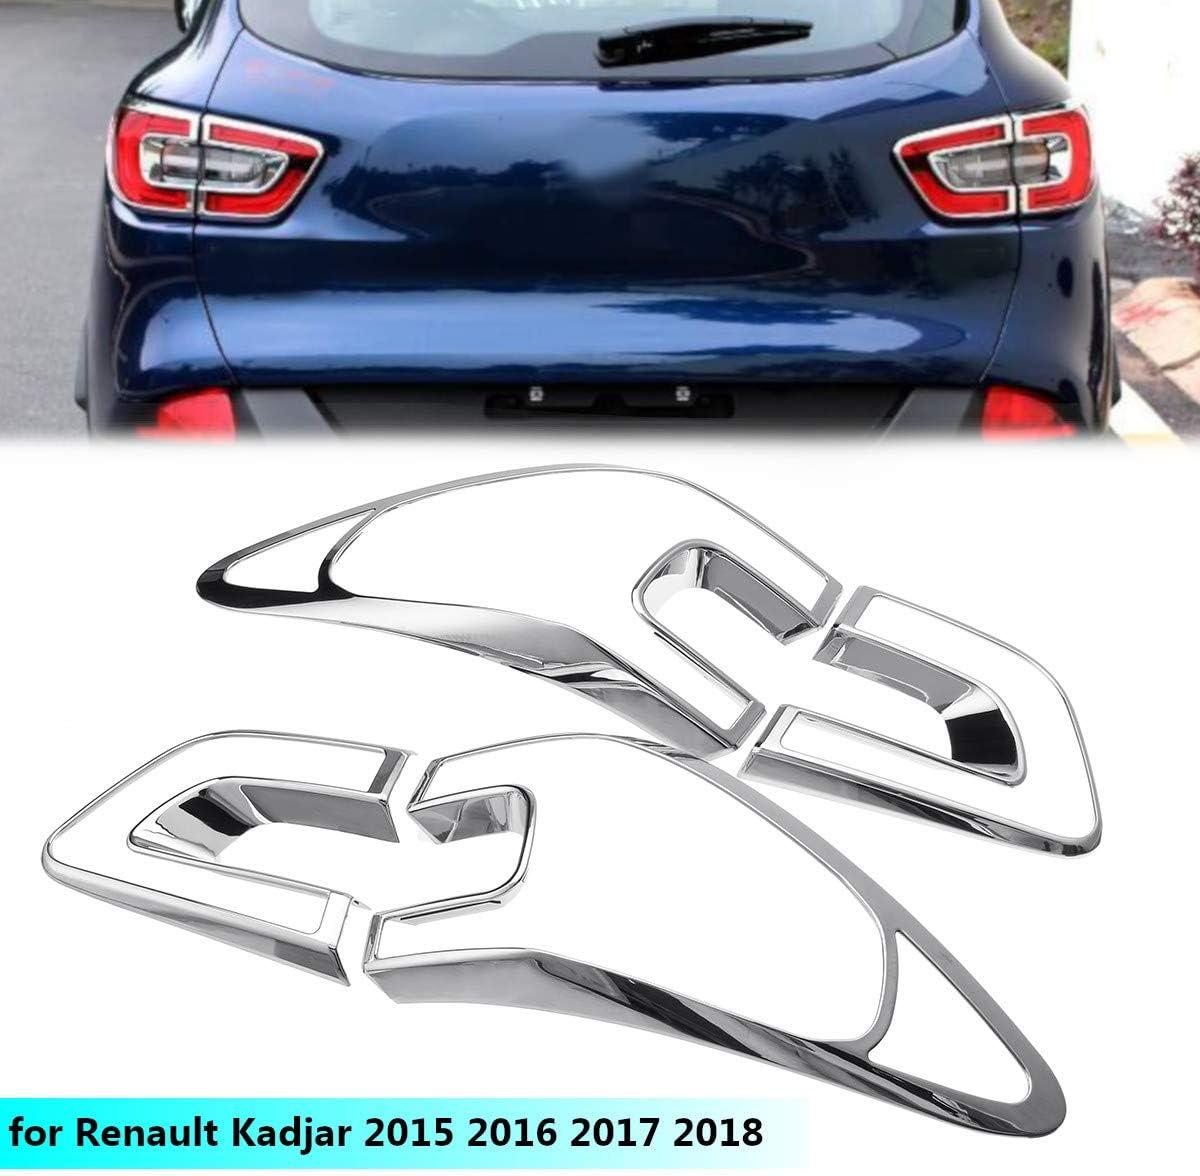 Liseng 4 St/ücke Auto R/ück Licht Abdeckung Zier Rahmen Abs Chrom Dekoration f/ür Kadjar 2015 2016 2017 2018 Styling Zubeh?r